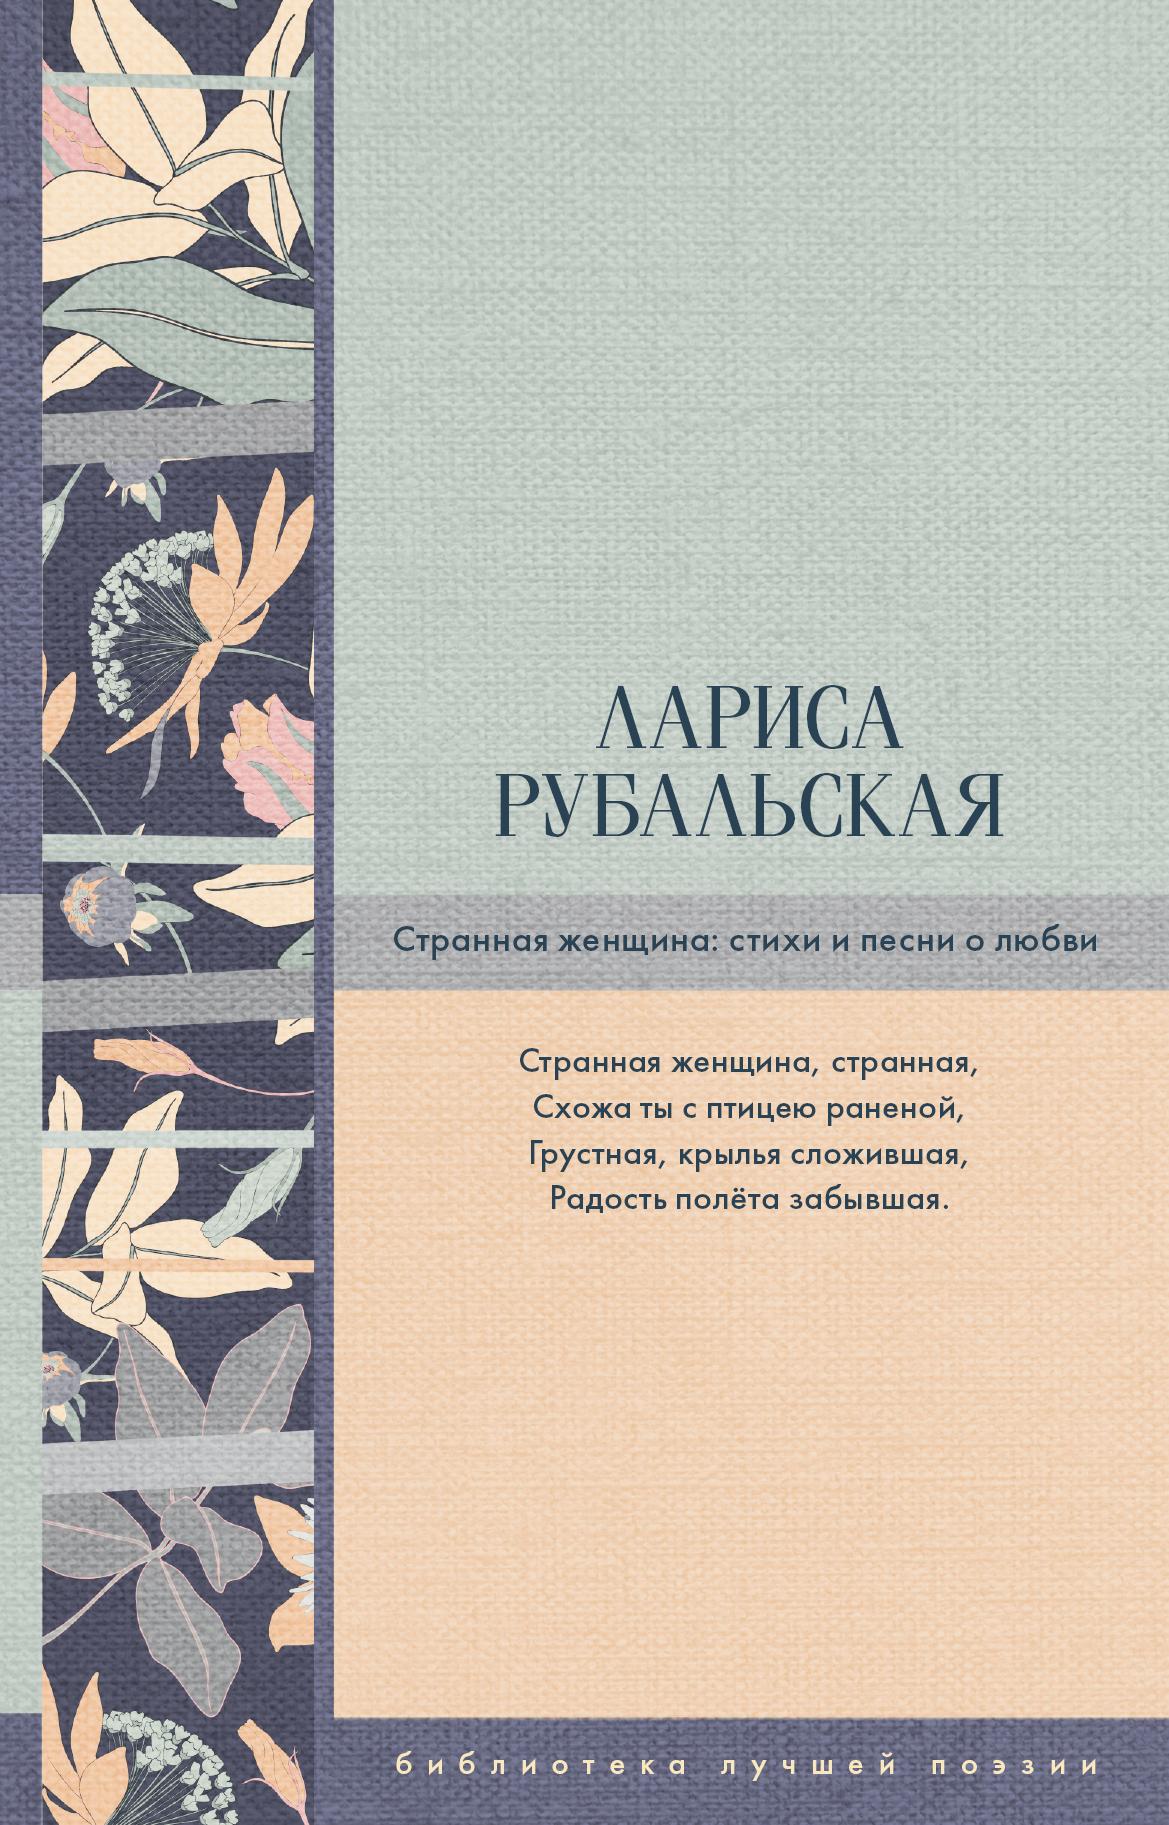 Рубальская Л.А. Странная женщина: стихи и песни о любви